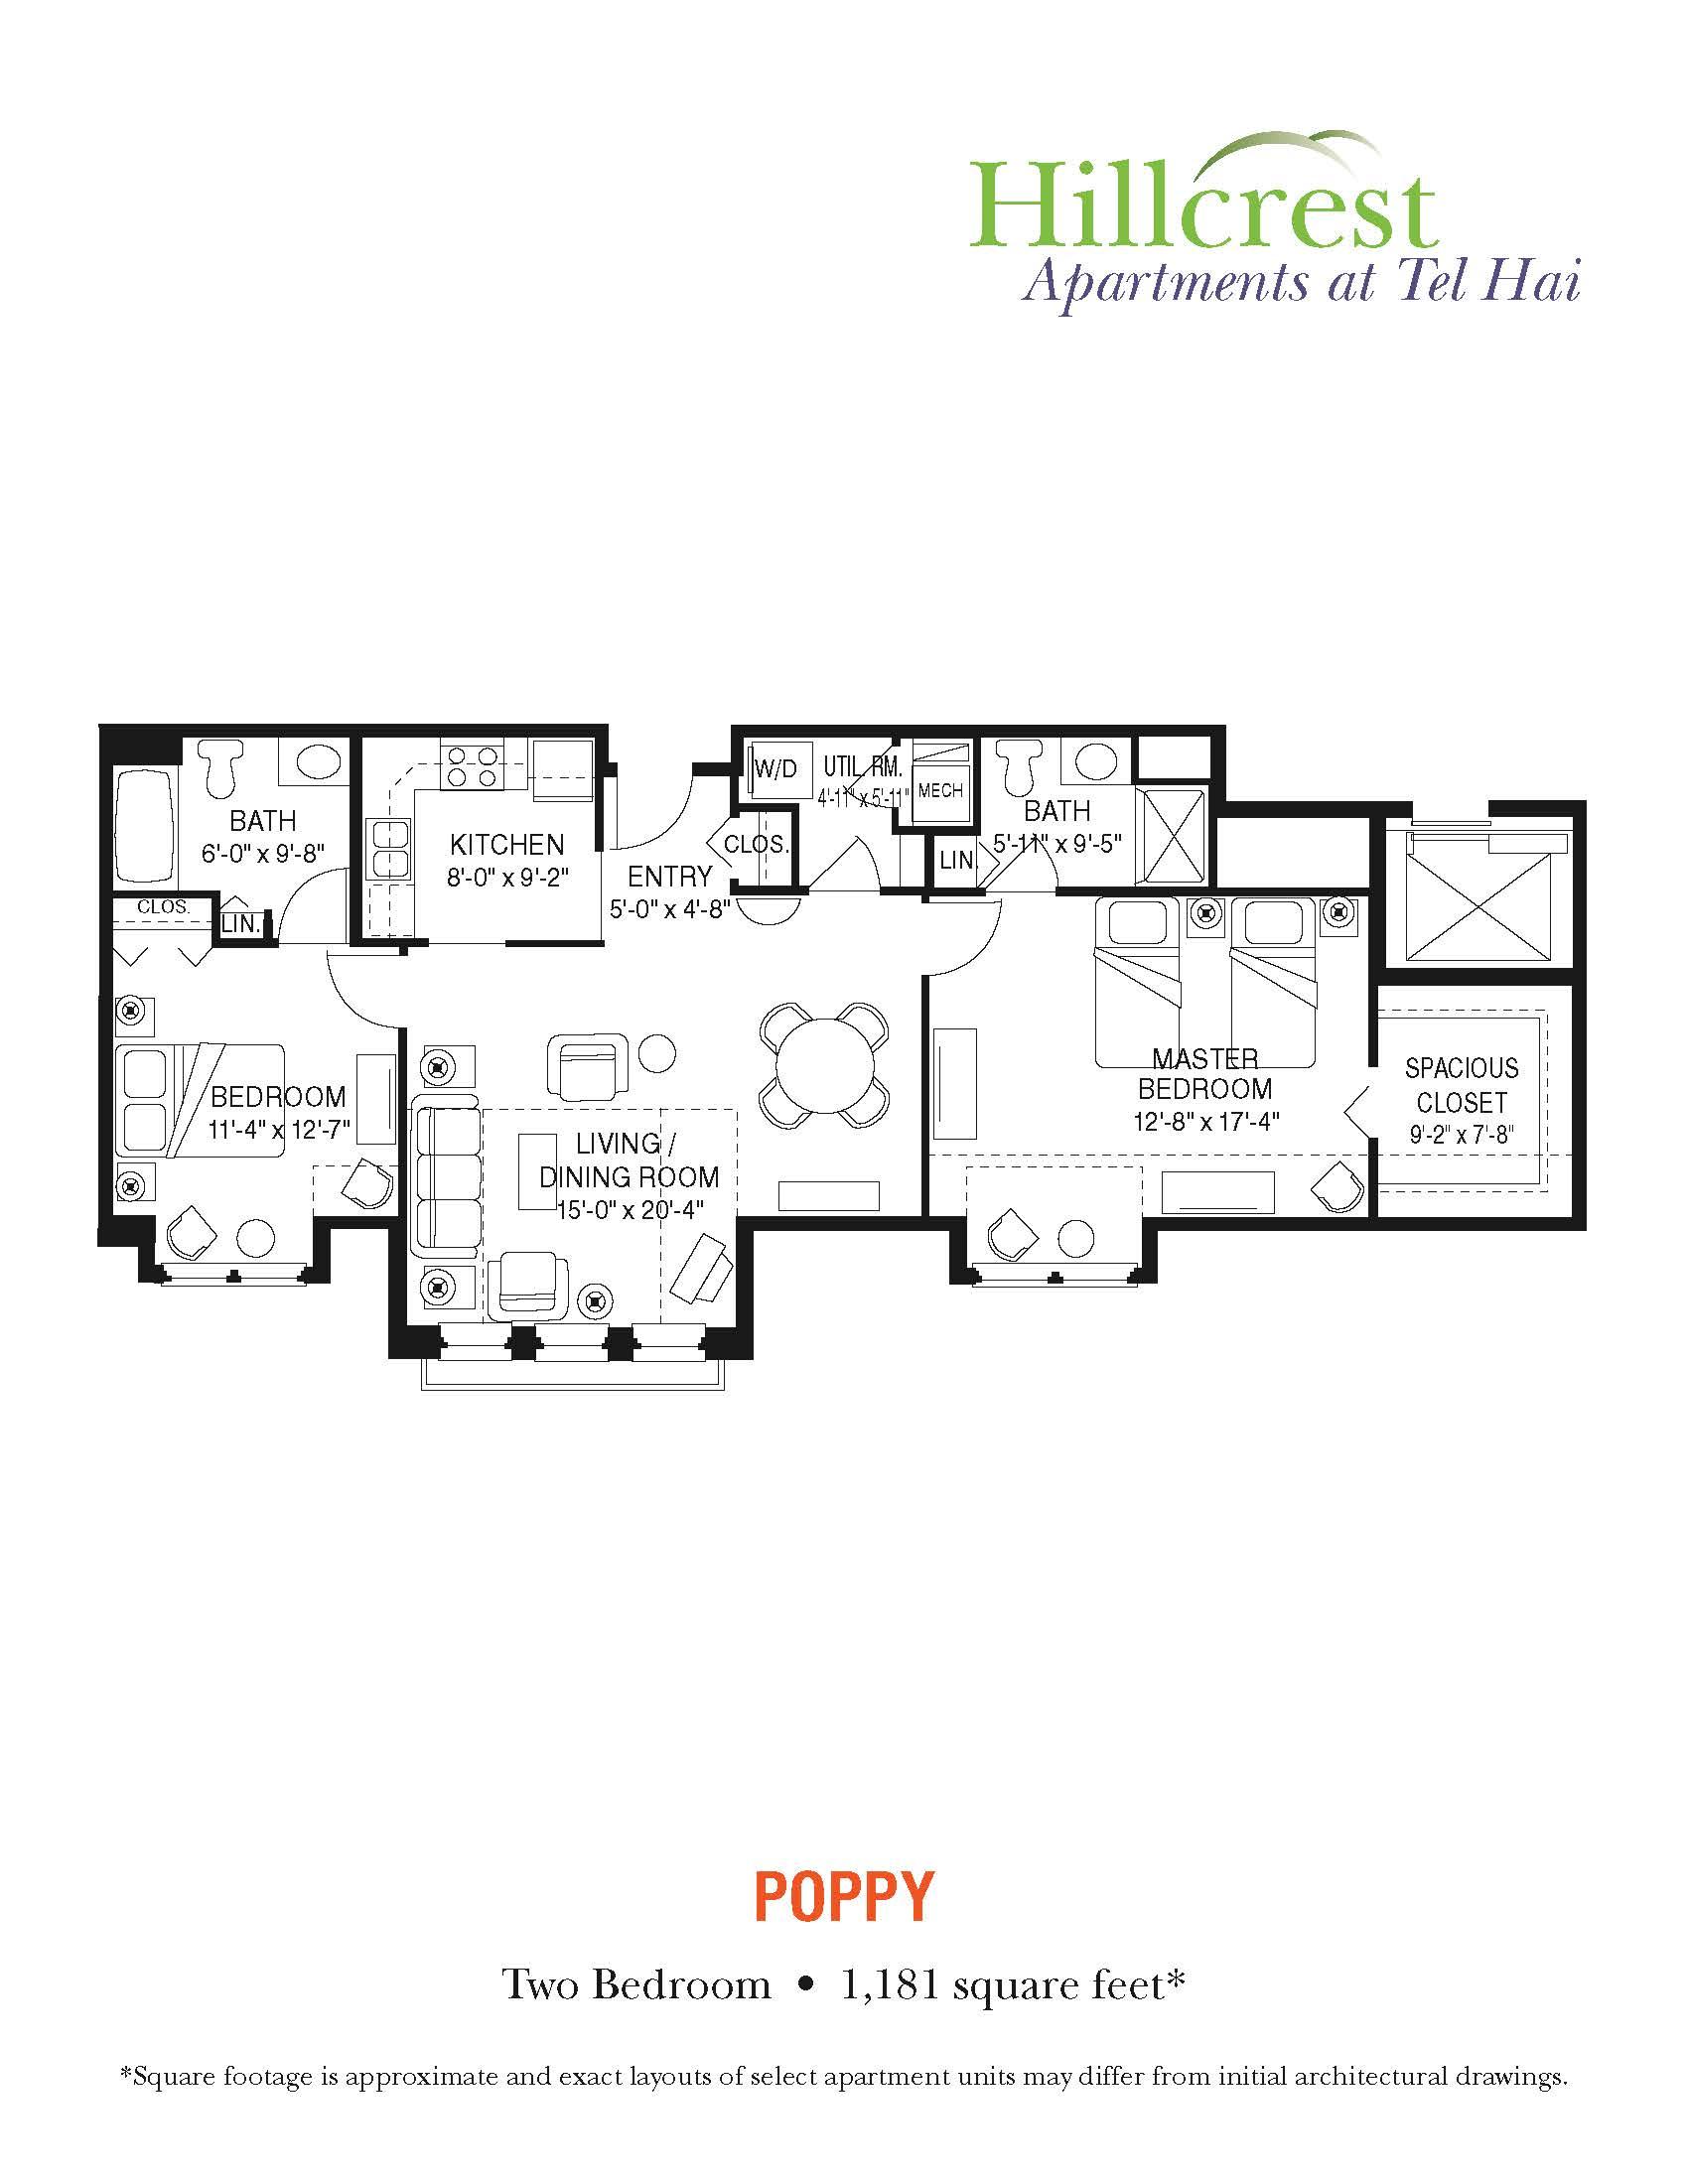 Poppy Apartment at Tel Hai